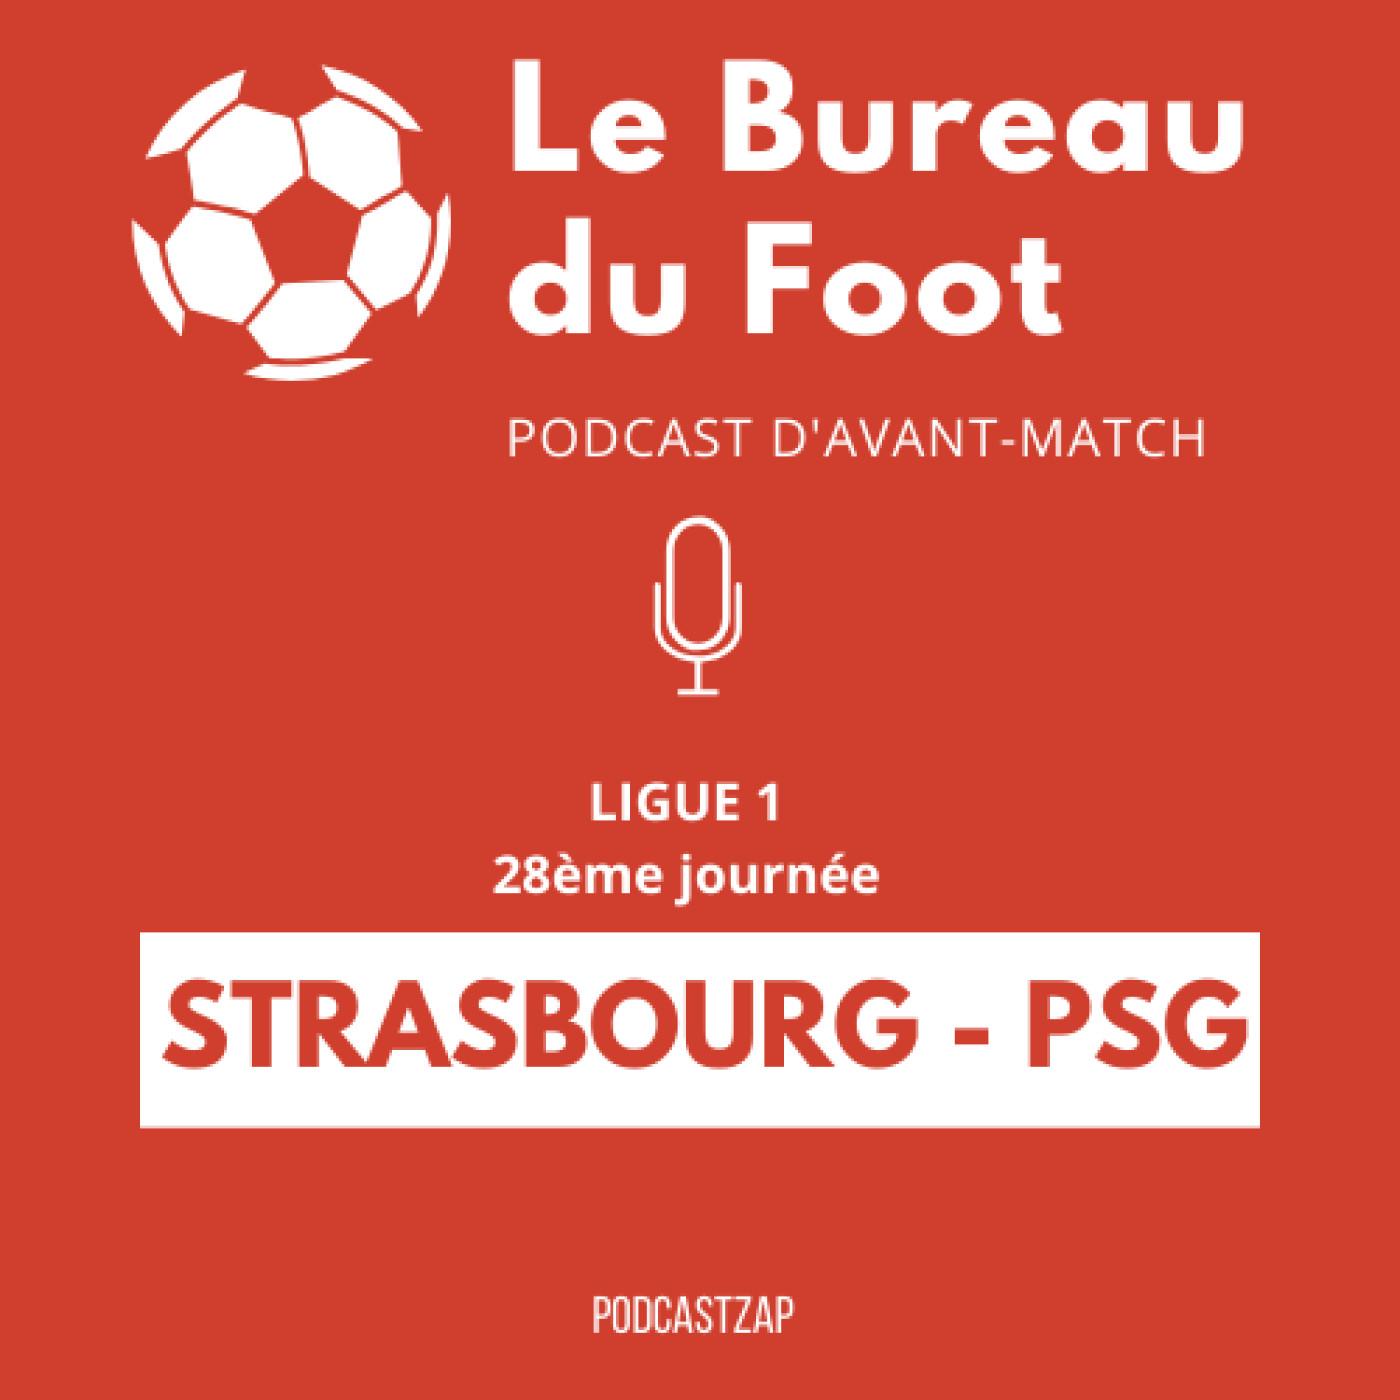 S1E15 - Ligue 1 - Journée 28 - Strasbourg - PSG